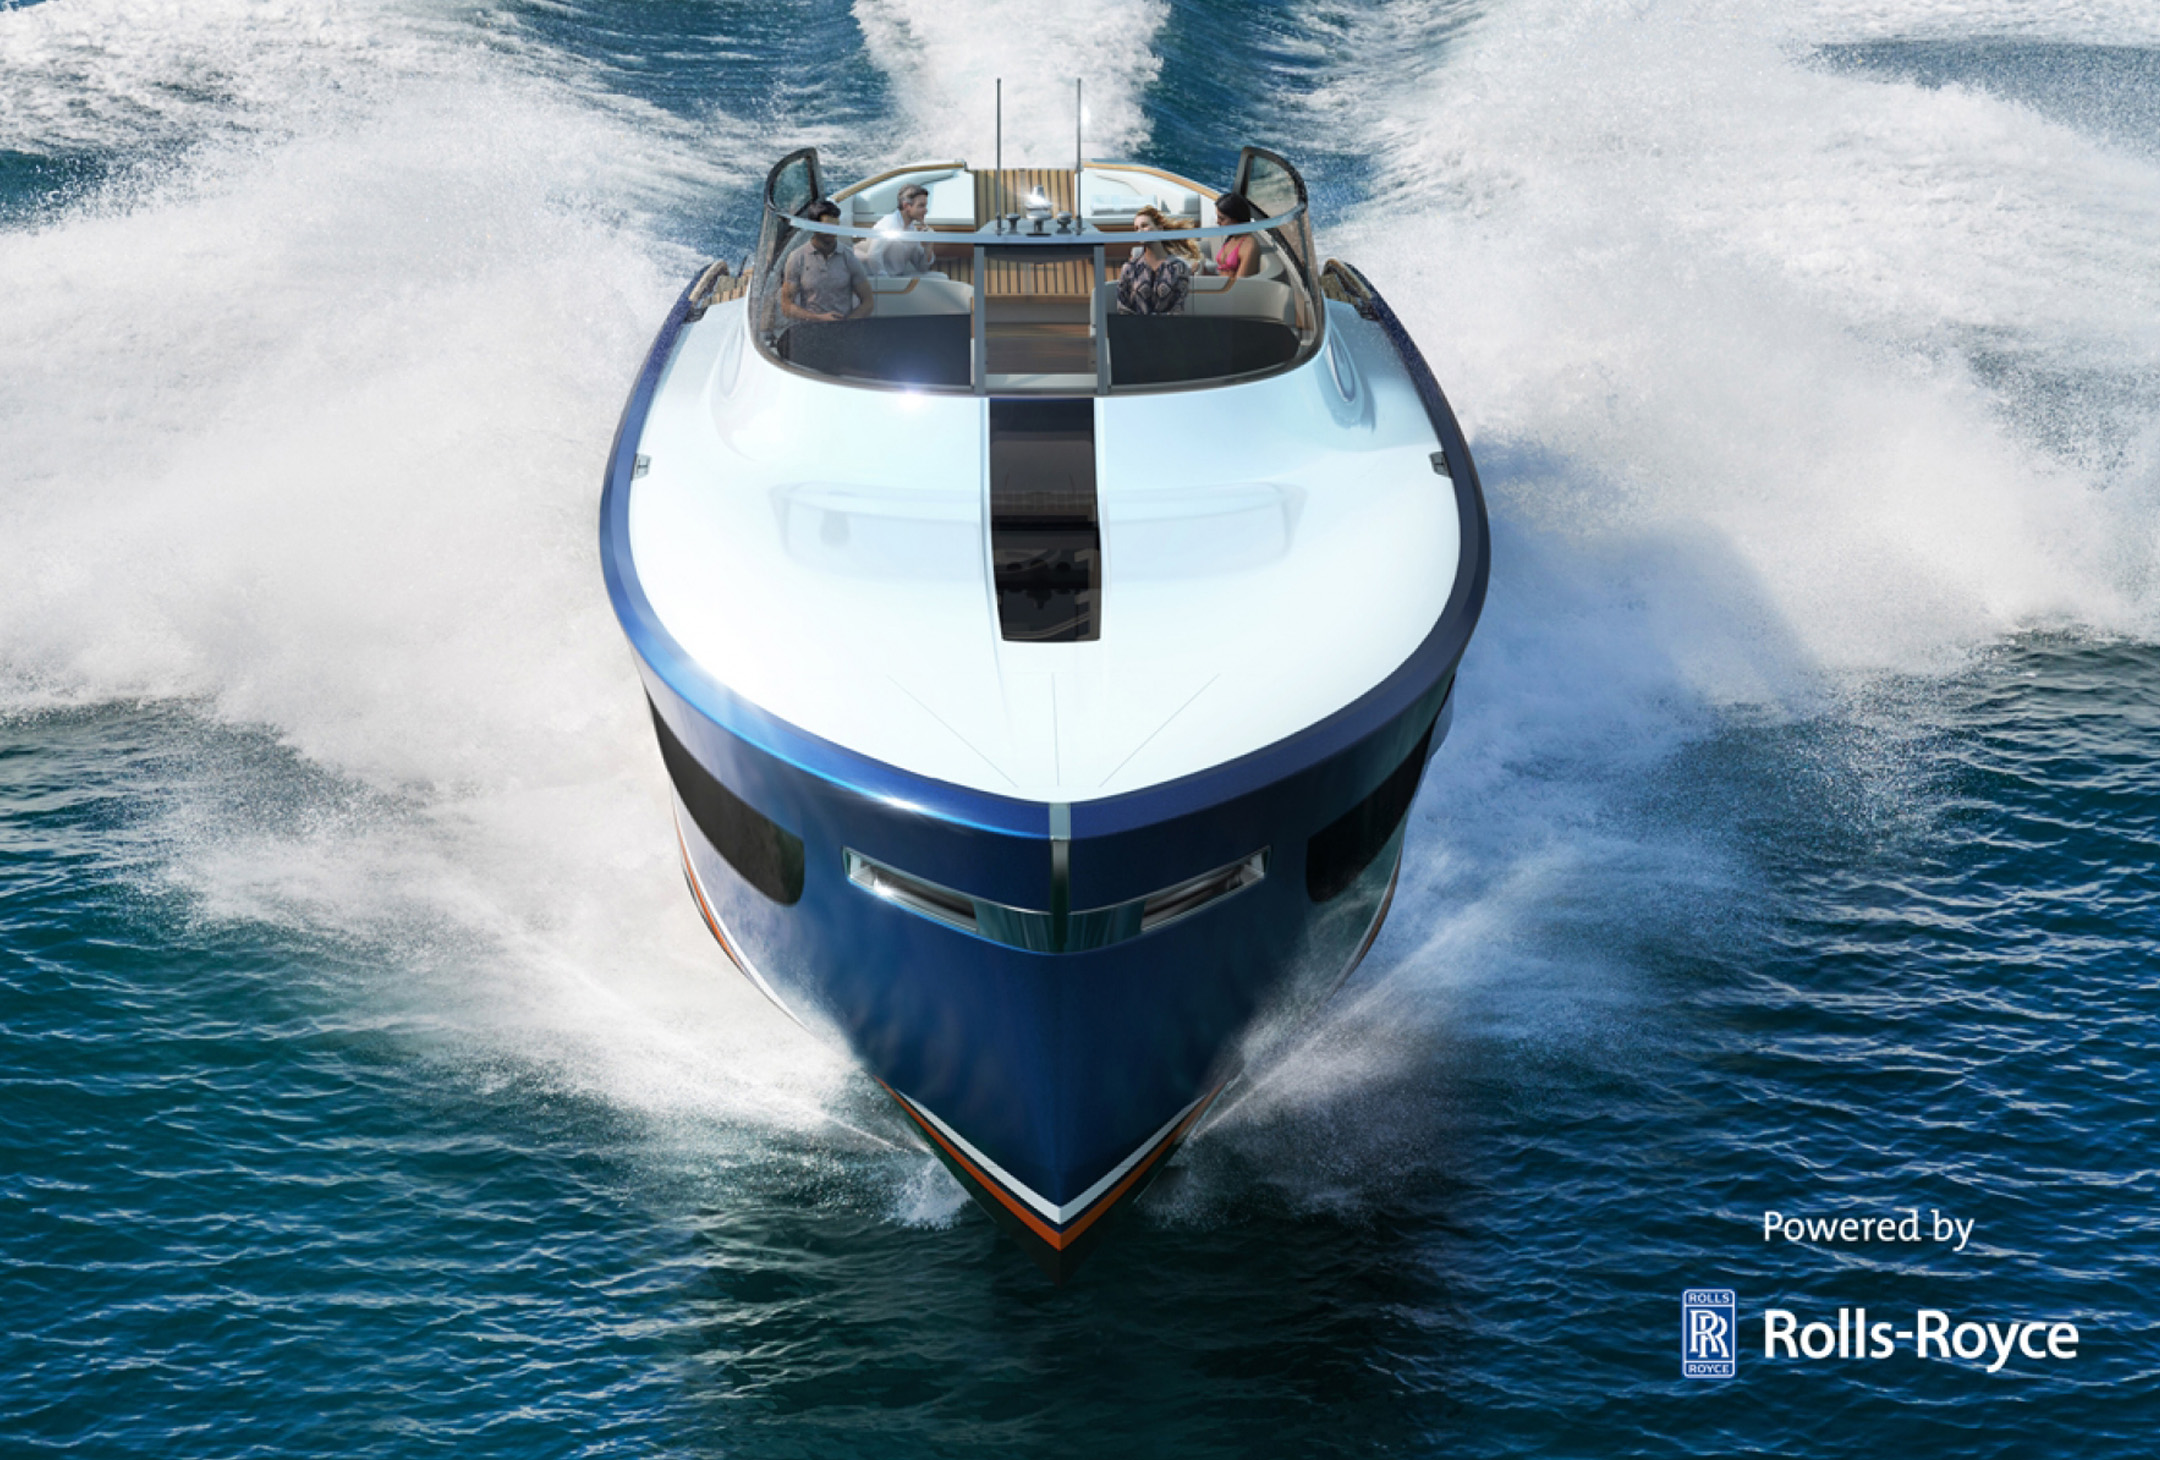 aeroboat-logo-s6boat3